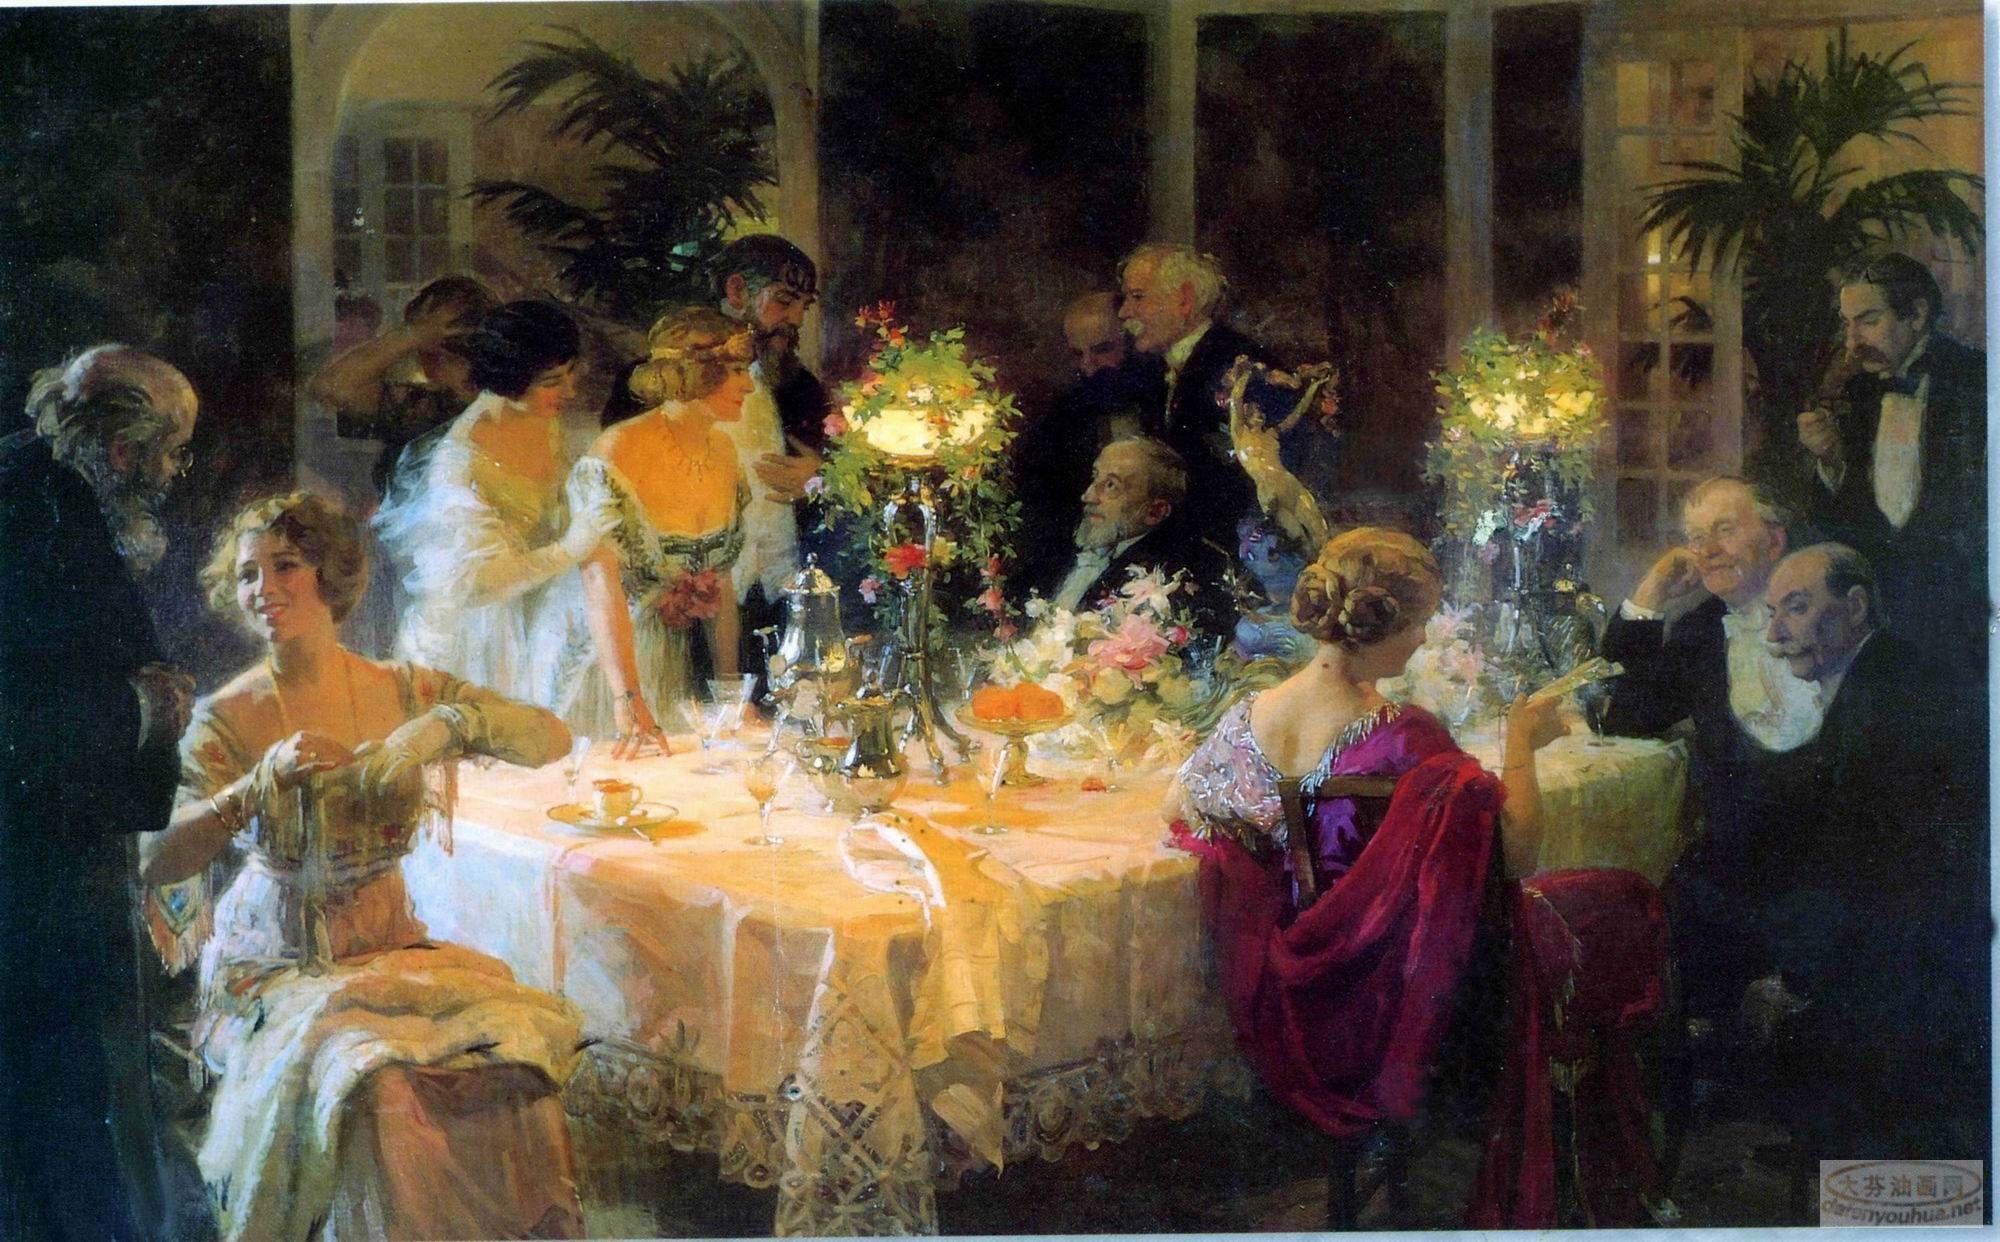 抢抢团_世界著名的宫廷油画家都有哪些????_百度知道